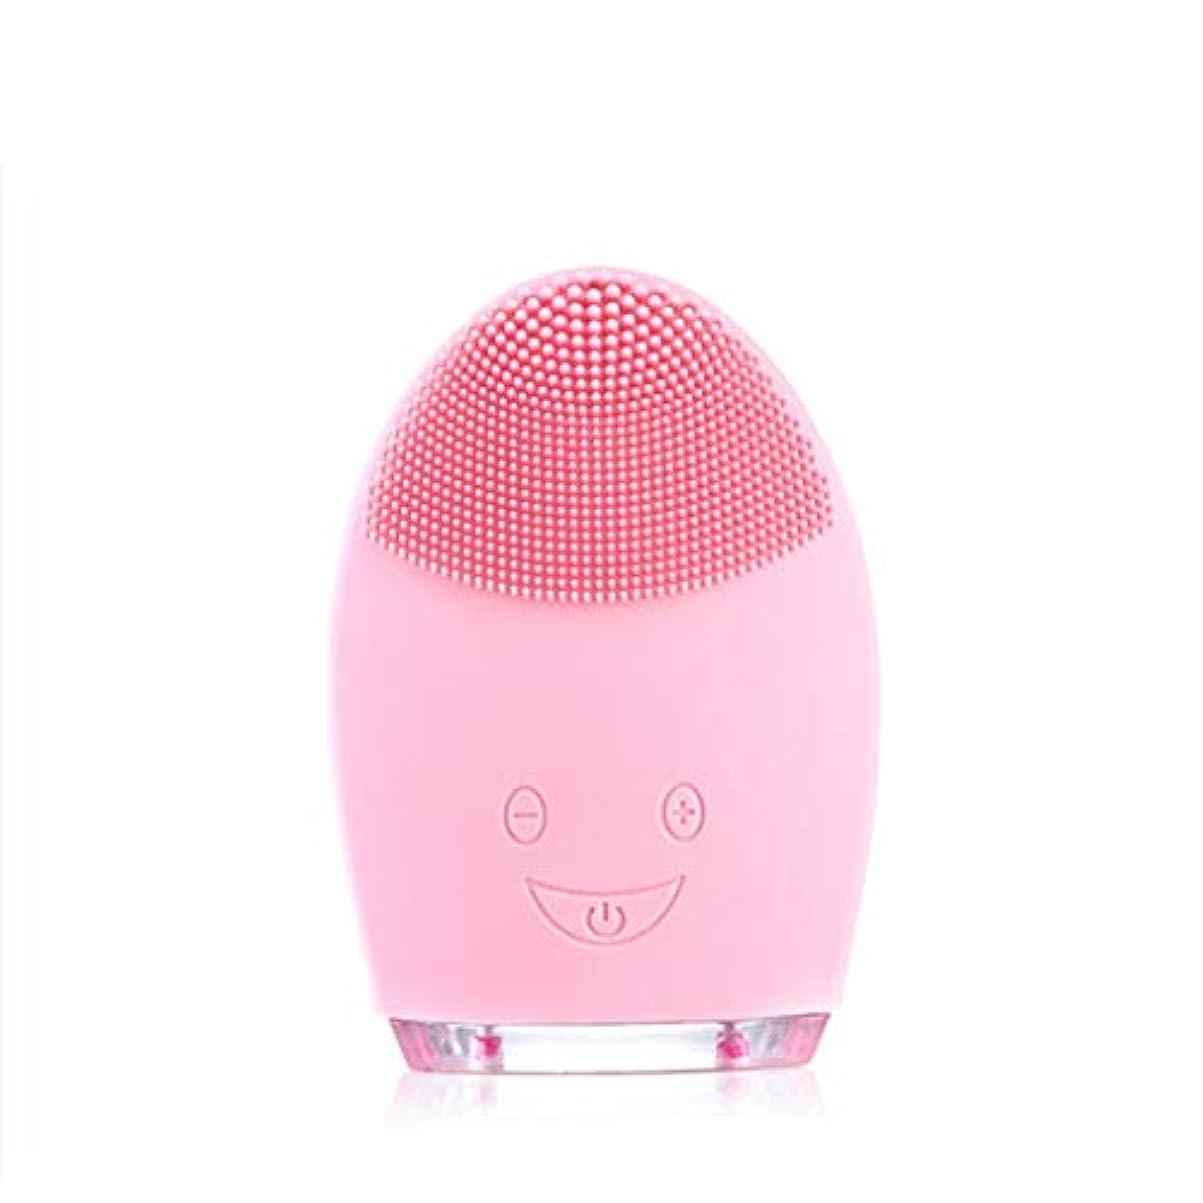 提案叫ぶ妊娠したソニッククレンジングブラシマッサージャー、防水シリコーンクレンザーディープクレンジングスキンケア電気クレンザー、充電式電動シリコーン剥離クレンジングブラシ (Color : Pink)